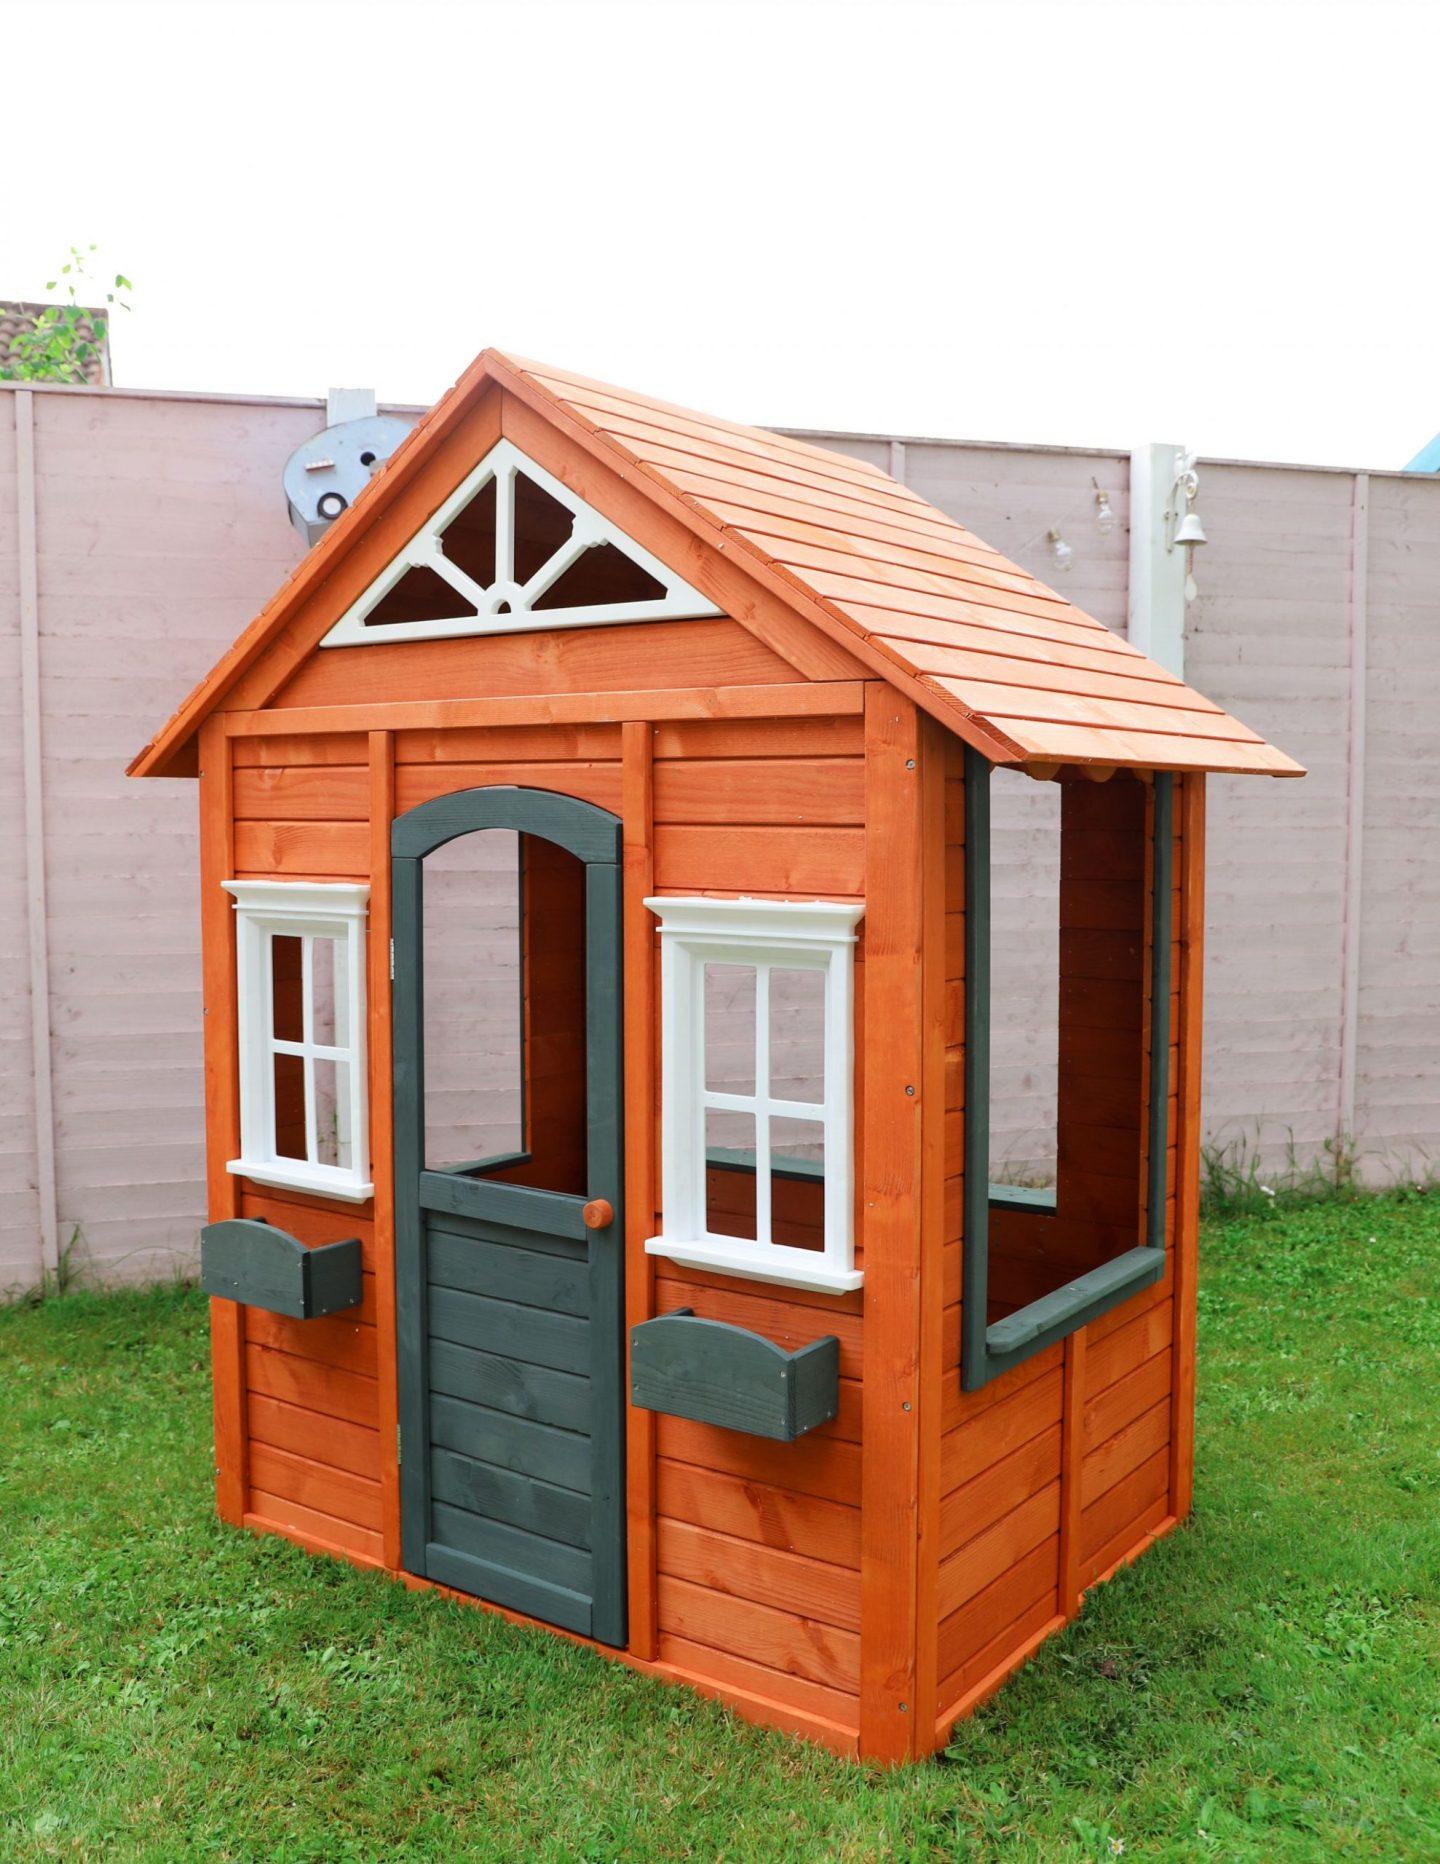 Smyths cubby house